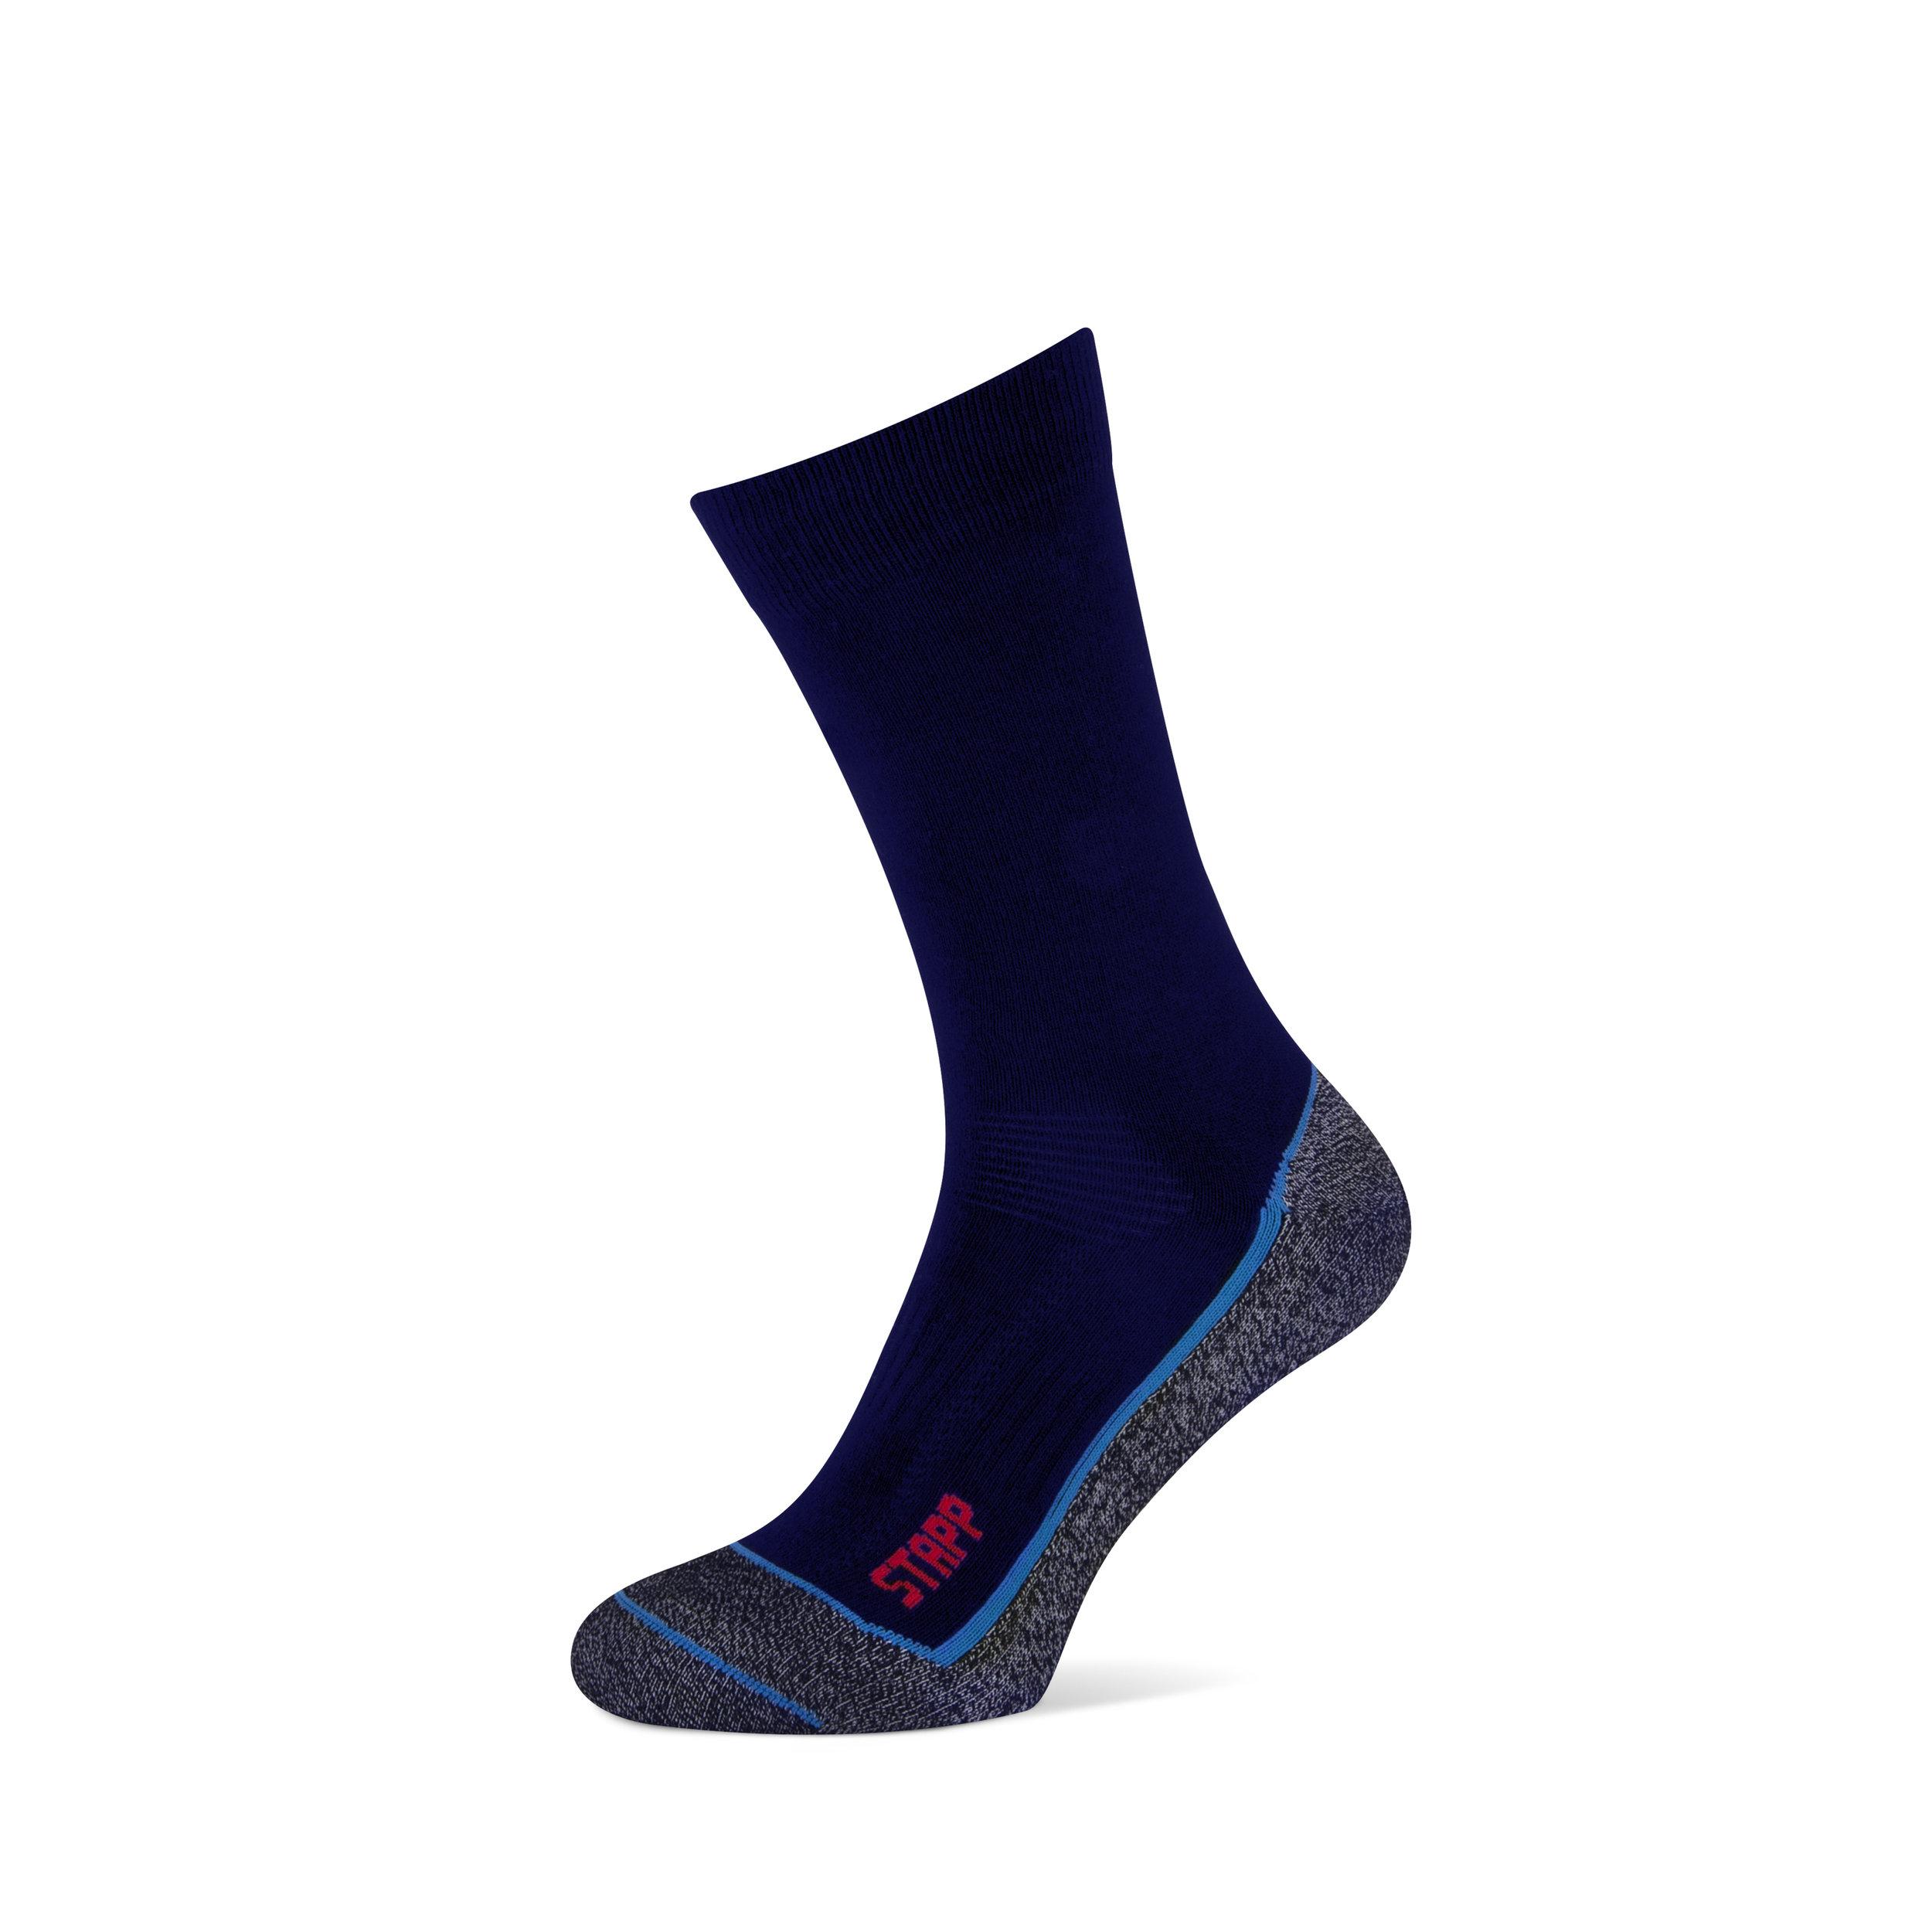 Boston Cool   • COOLMAX® vierkanalen vezel zorgt voor betere vochtverdamping en houdt voeten droog • CORDURA® voor extra versterking en slijtvastheid.  • Gladde dunnere werksok speciaal ontwikkeld om te dragen in warme omstandigheden. Extra versterking van hak en teen • Ventilatiekanalen voor betere luchtcirculatie.  • Perfecte pasvorm en elastische boord voorkomt afzakken • Vlakke niet voelbare naad aan de teen • Beschikbaar in 2 kleuren